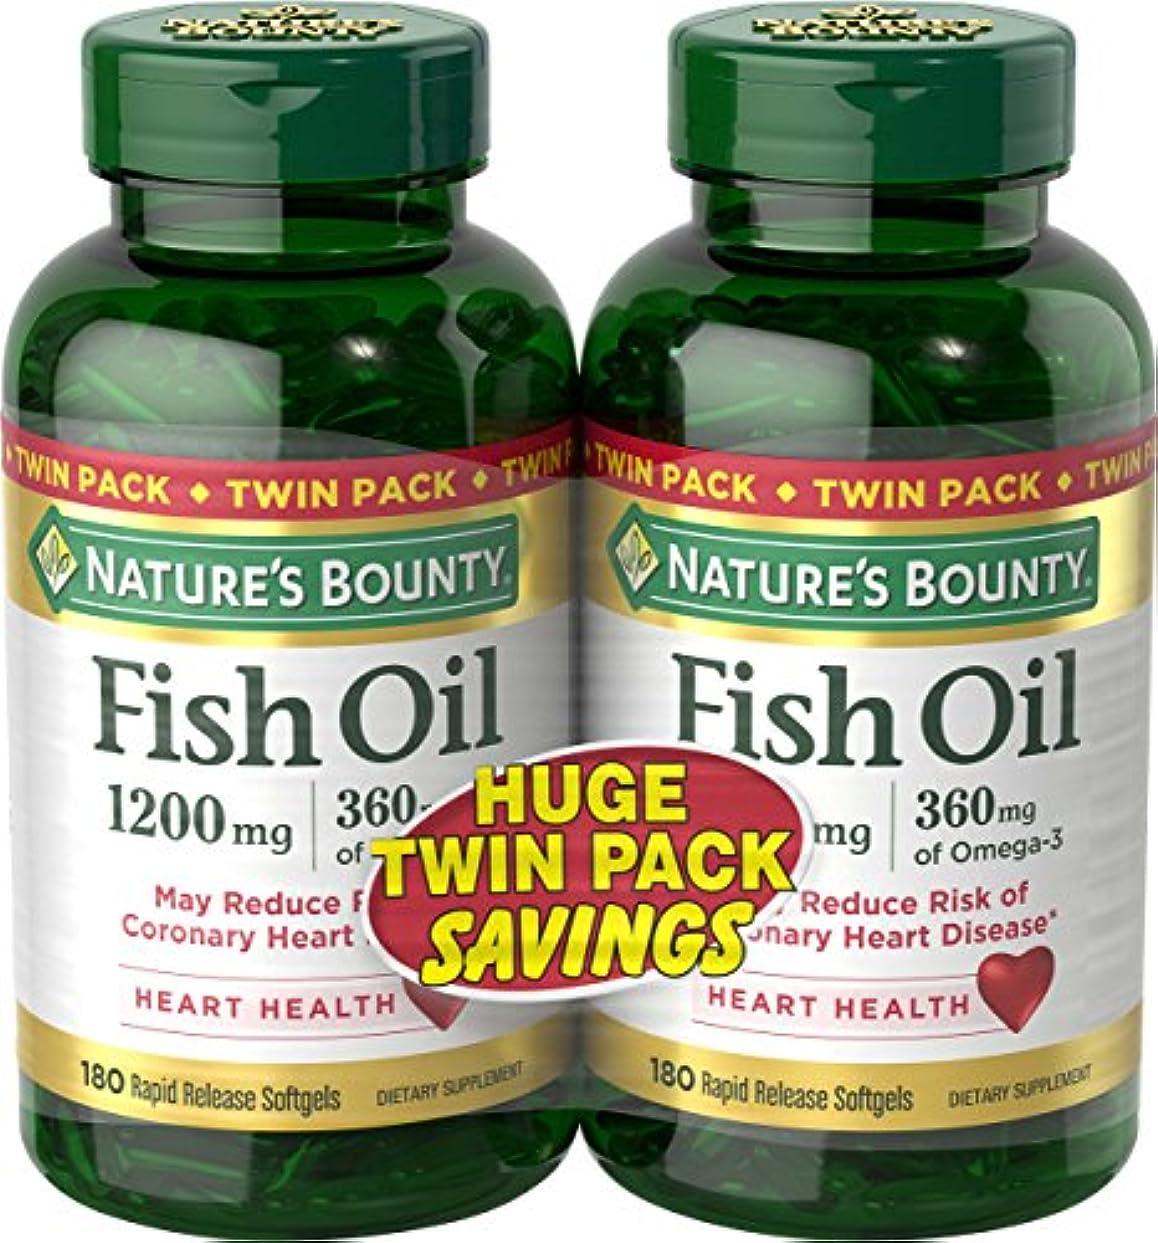 懸念応じる全国Nature's Bounty Fish Oil 1200 mg Twin Packs, 180 Rapid Release Liguid Softgels 海外直送品